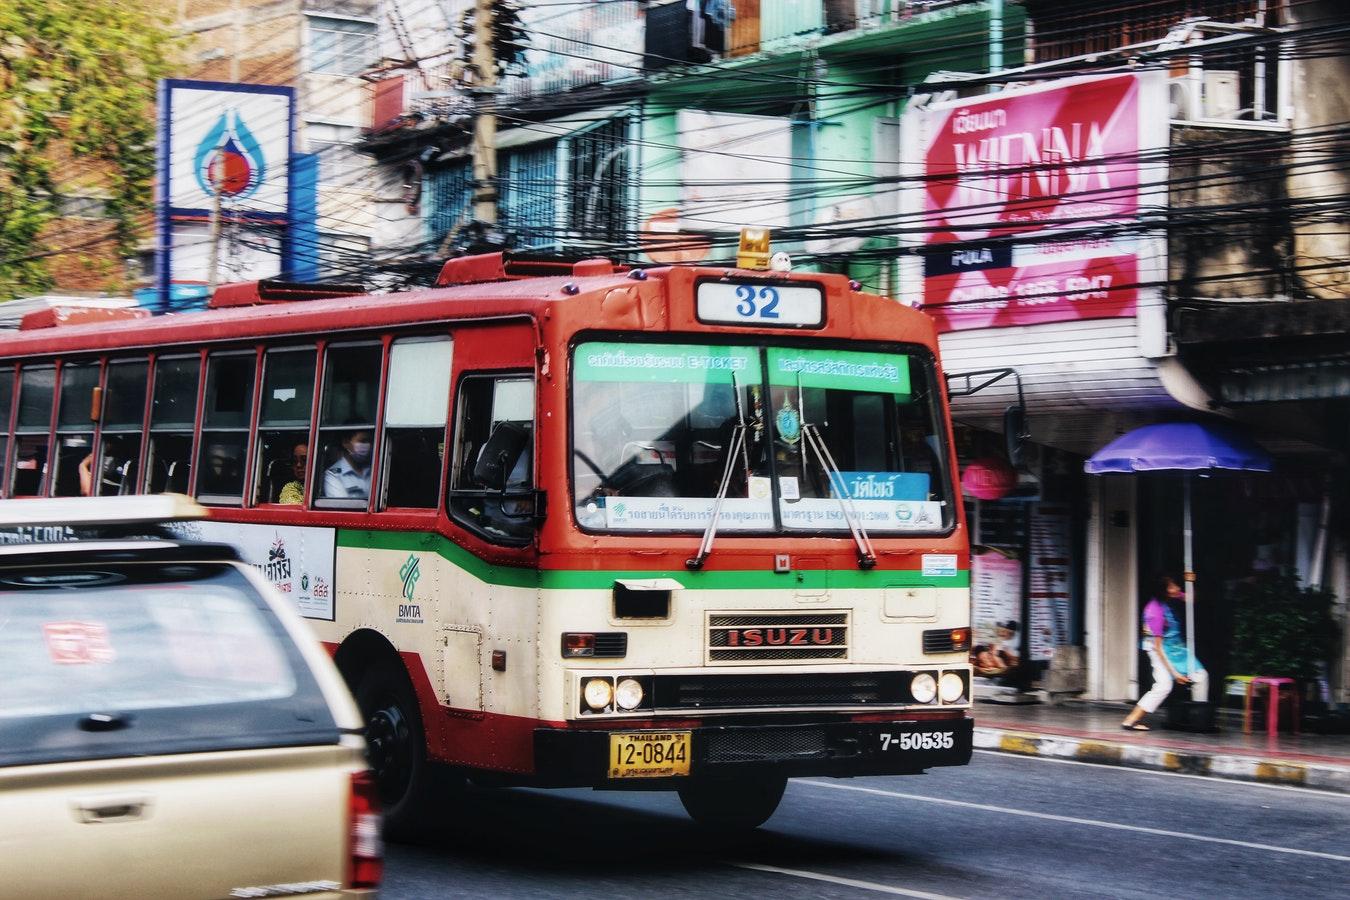 ขสมก. ขึ้นค่ารถเมล์ ขึ้นค่าโดยสาร รถเมล์ รถเมล์ขึ้นราคา รถโดยสารประจำทาง